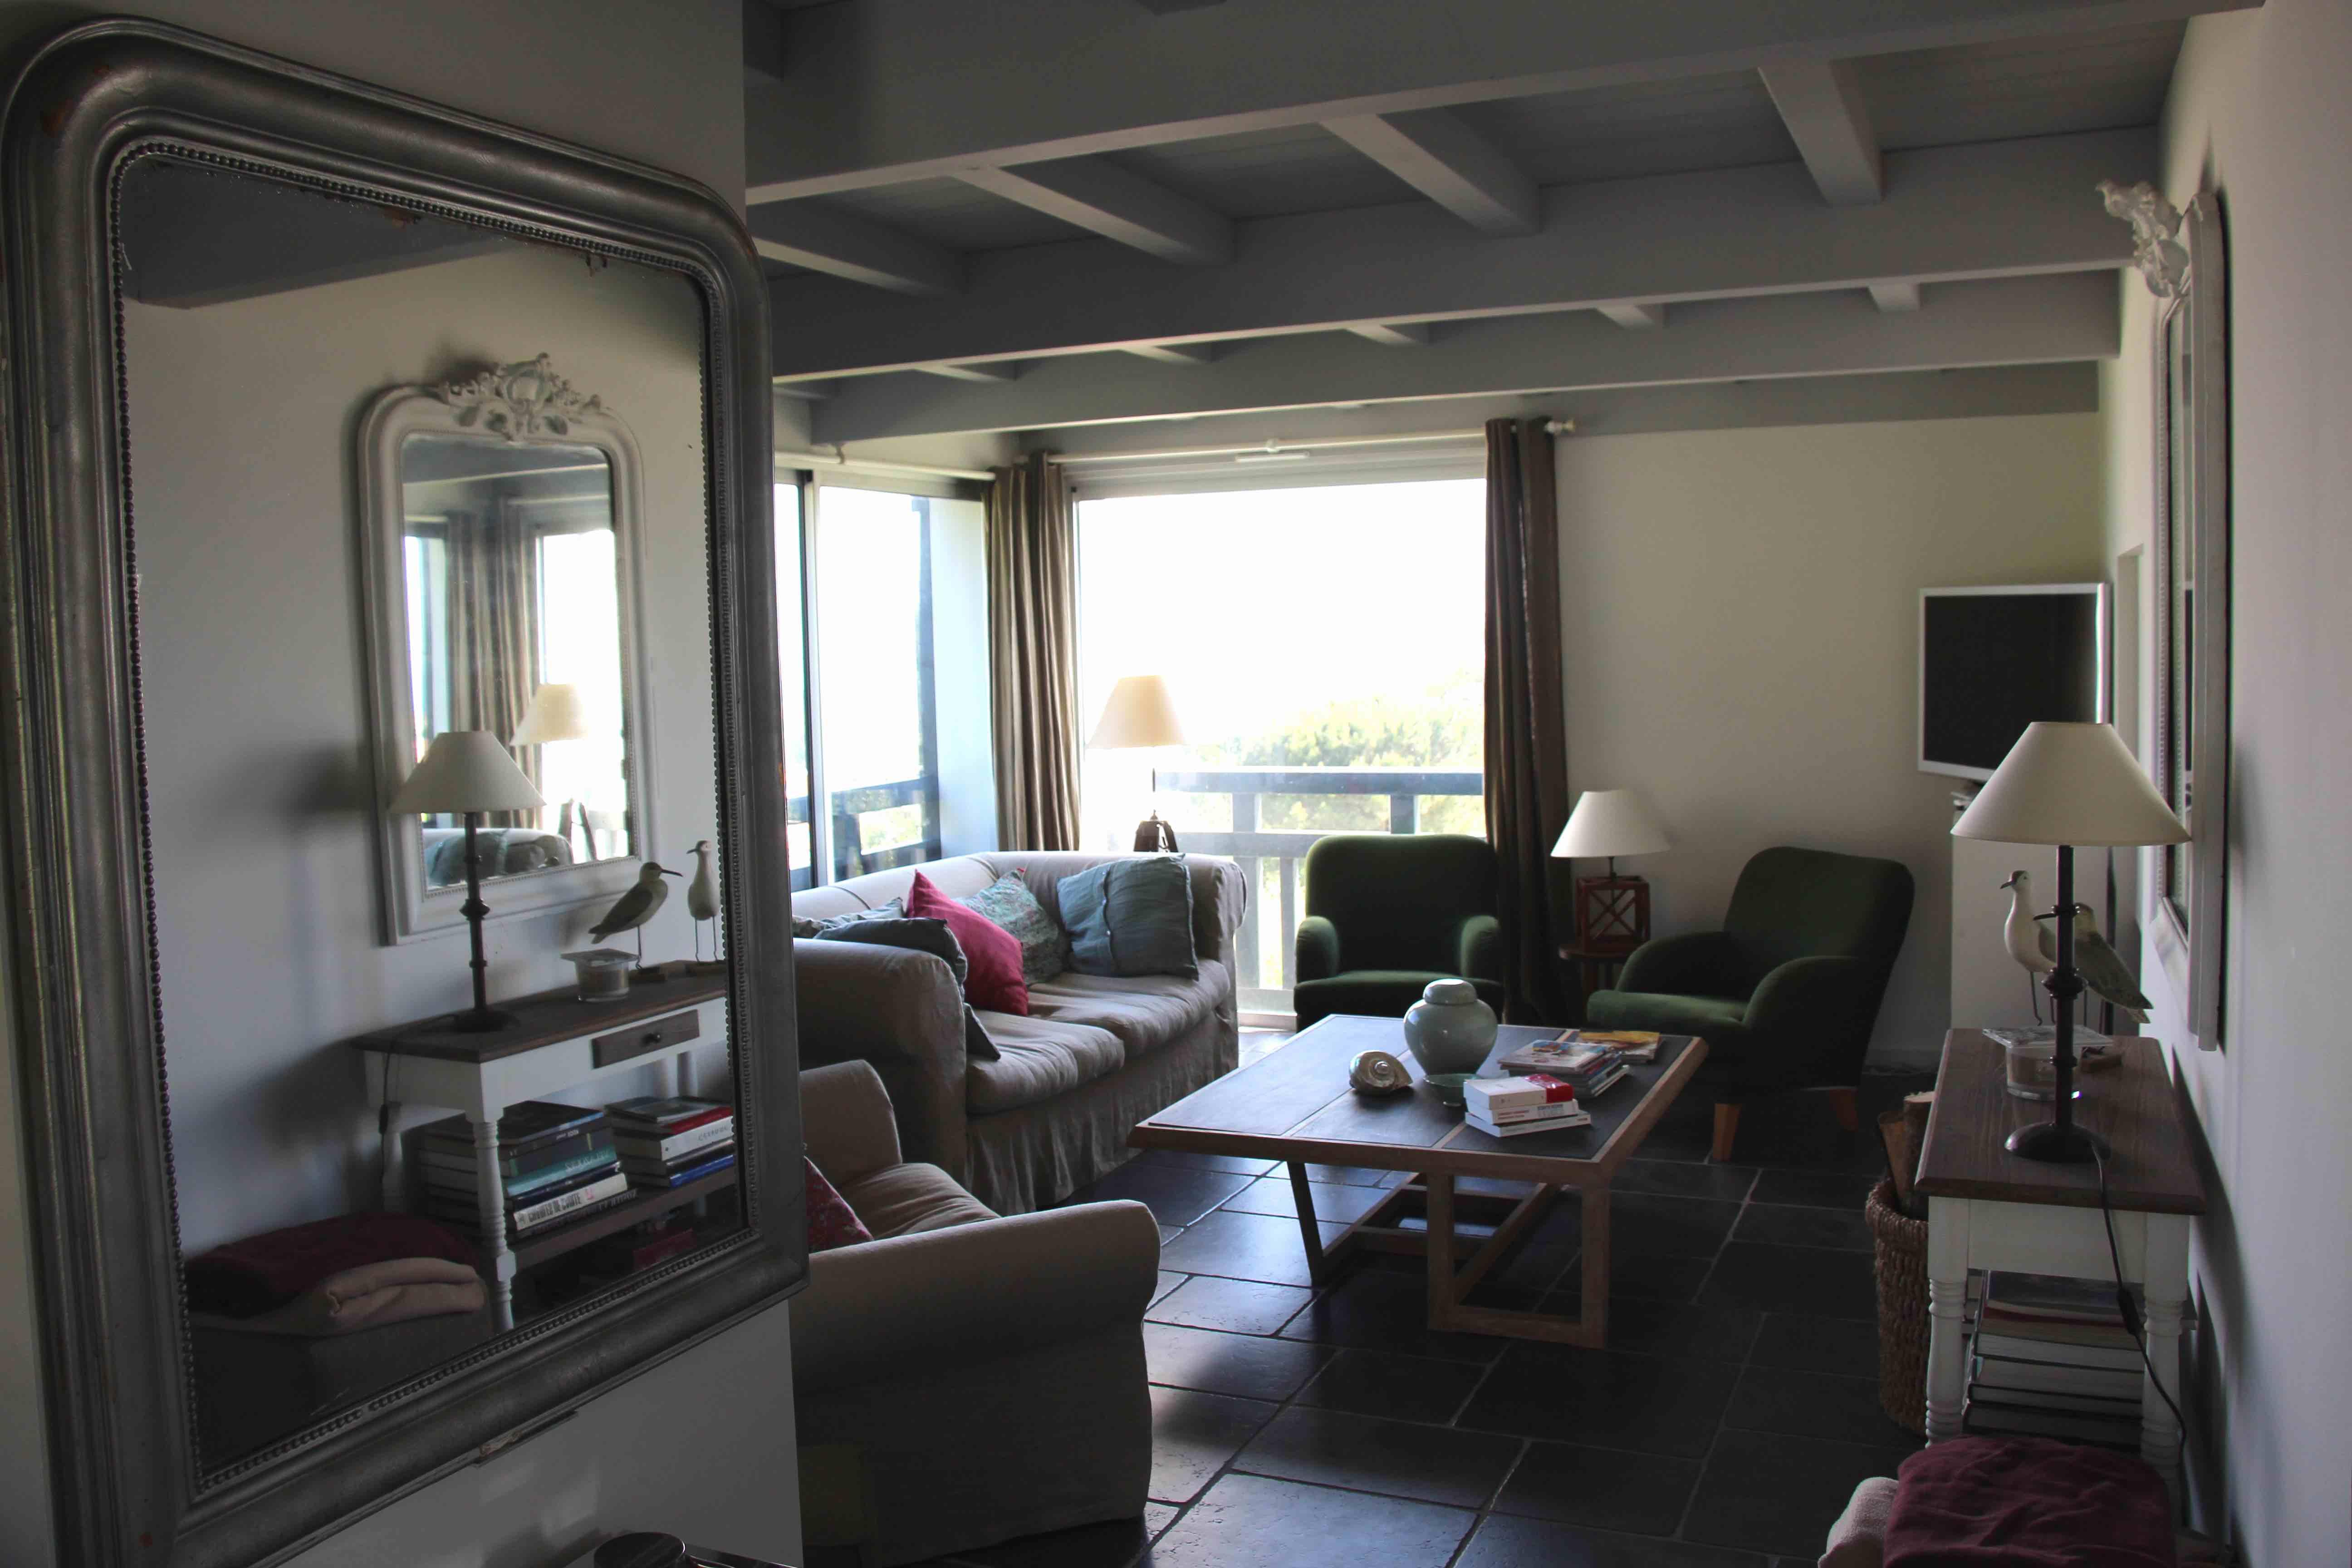 Maison neuve design entree de maison design maison neuve - Maison plain pied deco orientale palm springs ...